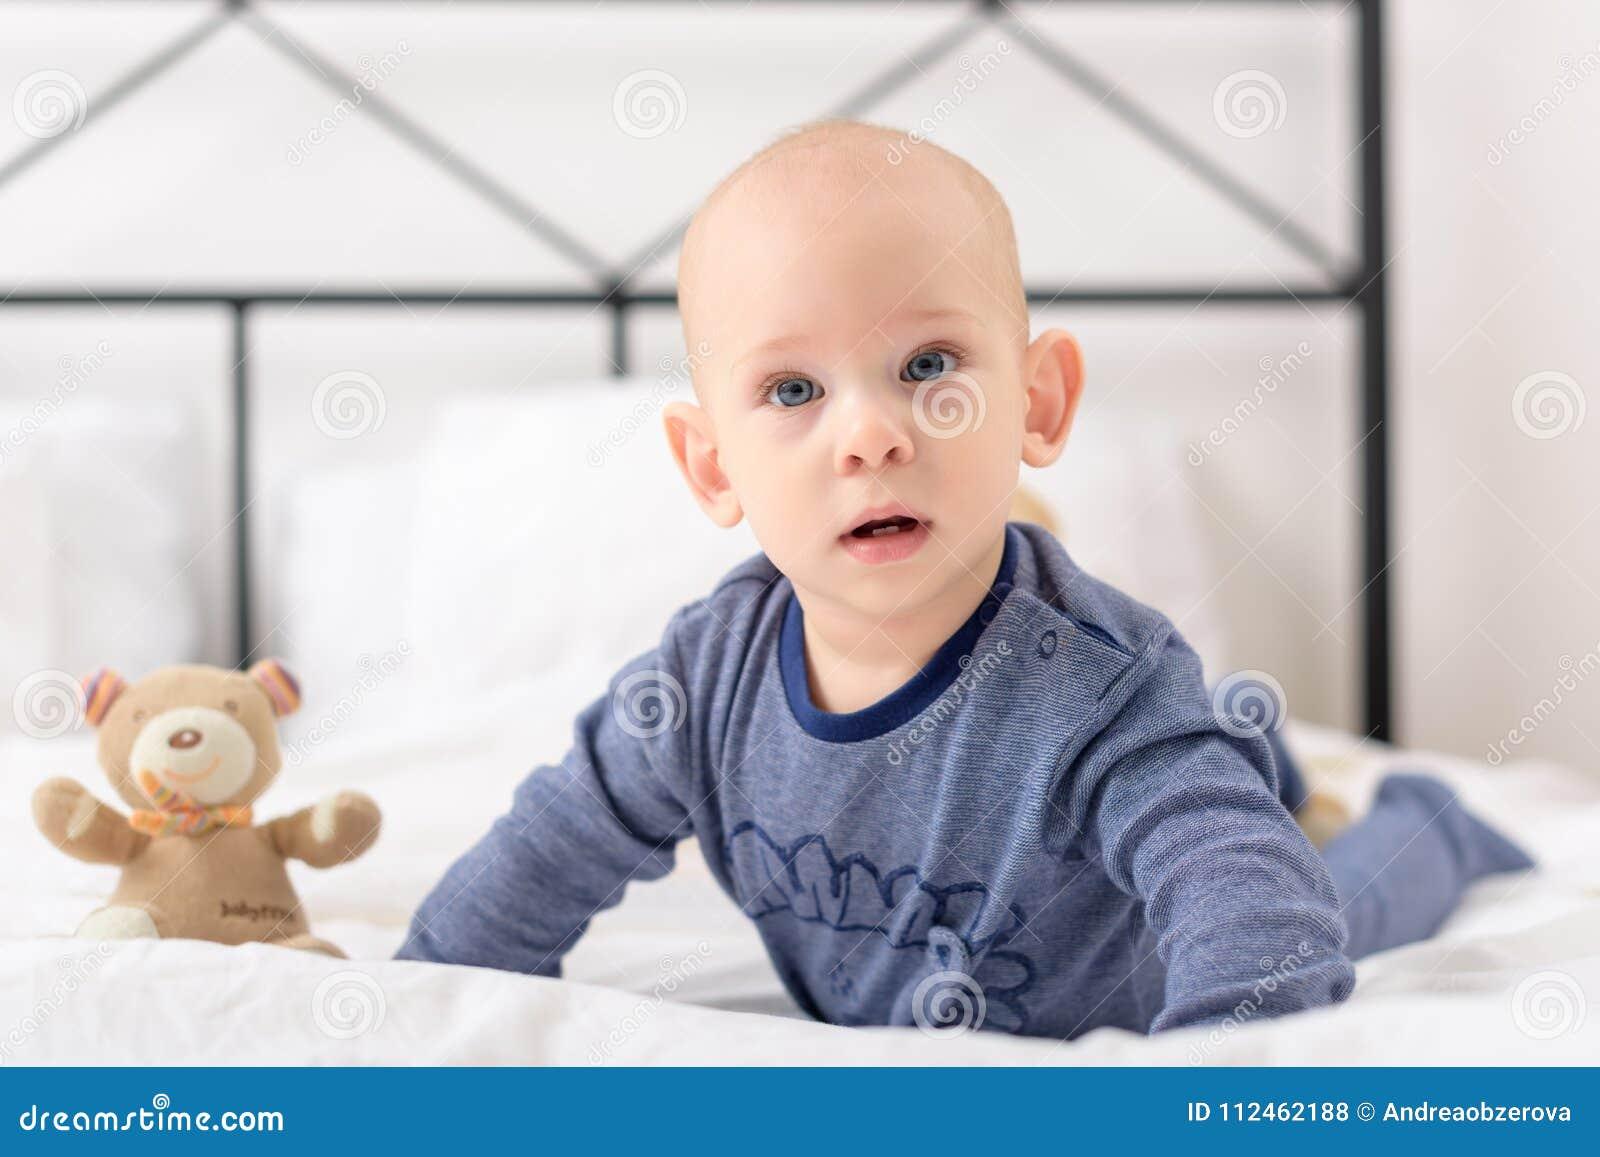 Il neonato adorabile che lplaying con il giocattolo riguarda un letto Rilassamento del bambino neonato